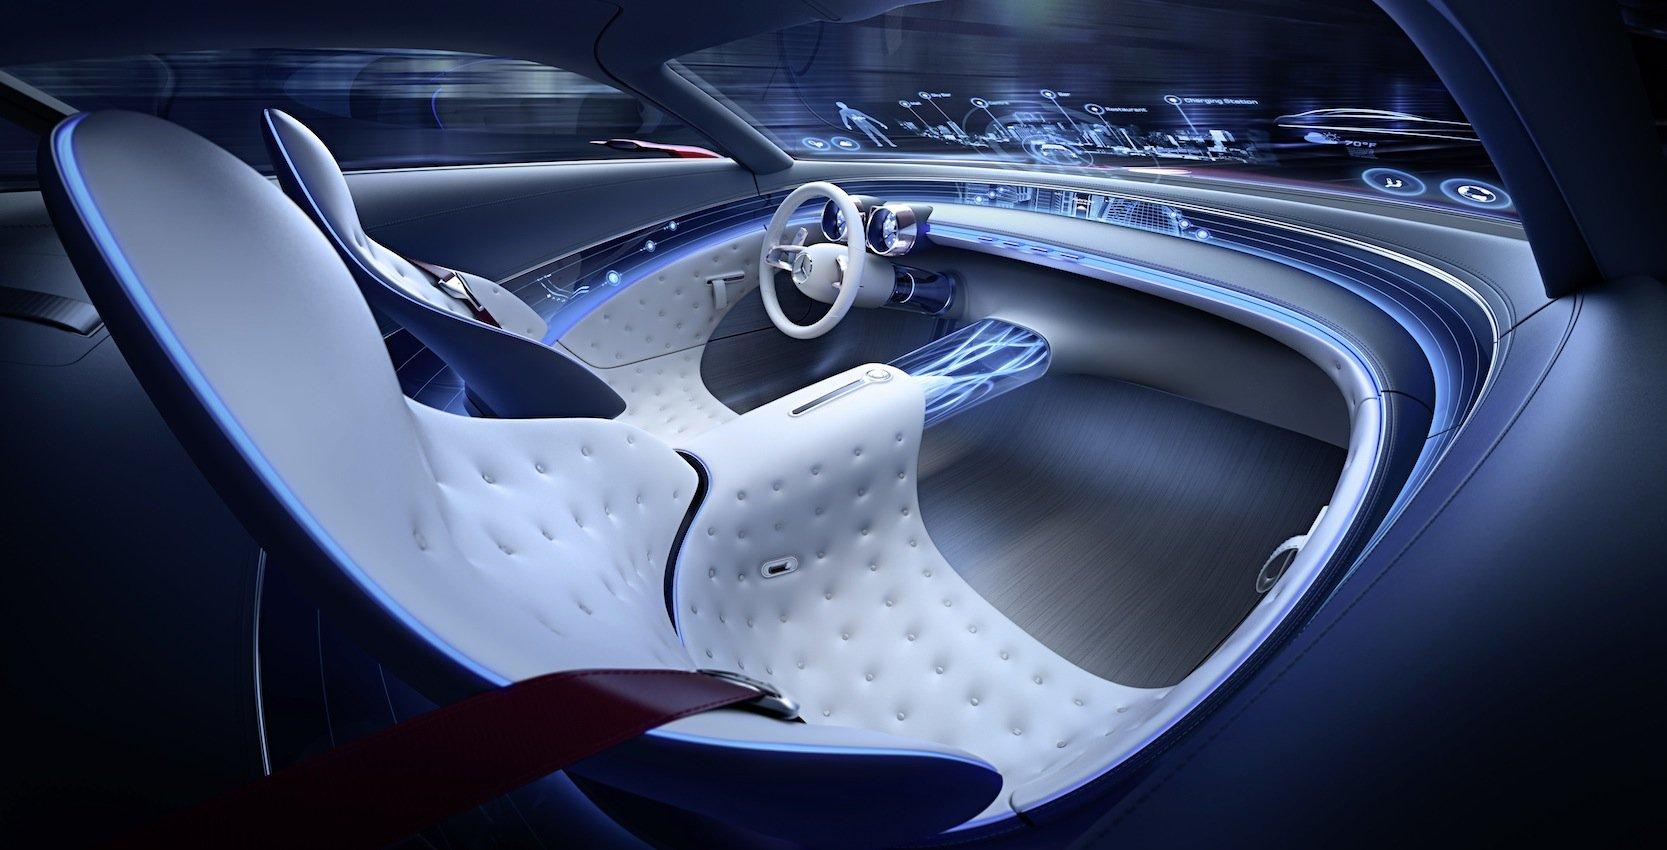 Cockpit des Mercedes-Maybach 6:Die Frontscheibe dient als transparentes Display, das fahrrelevante Daten und Informationen zur Umgebung anzeigt.